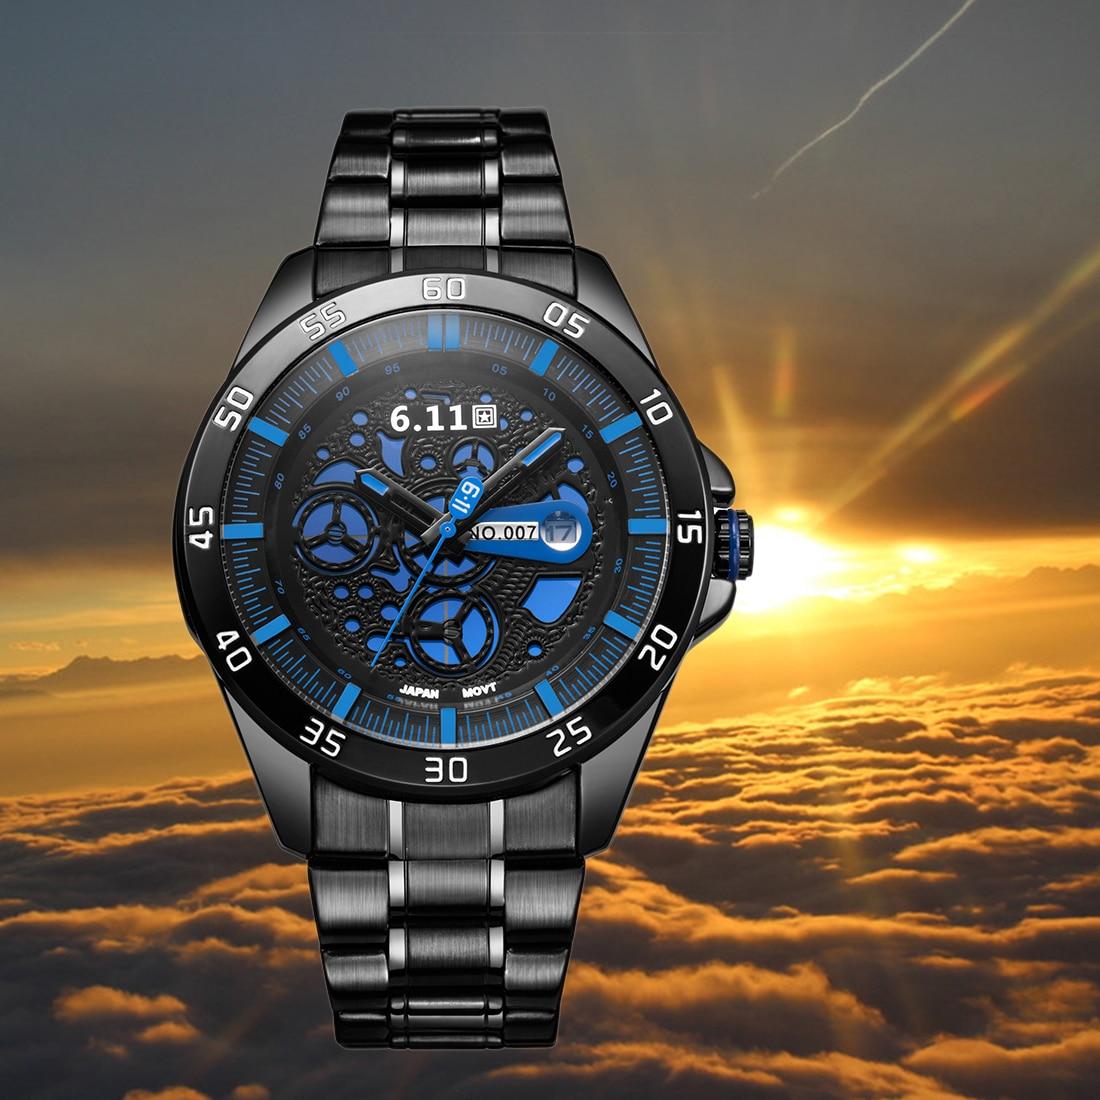 Откройте лучший выбор солнечная спортивные часы на livening-russia.ru кроме того, для вас подготовлены различные выбранные бренды солнечная спортивные часы.